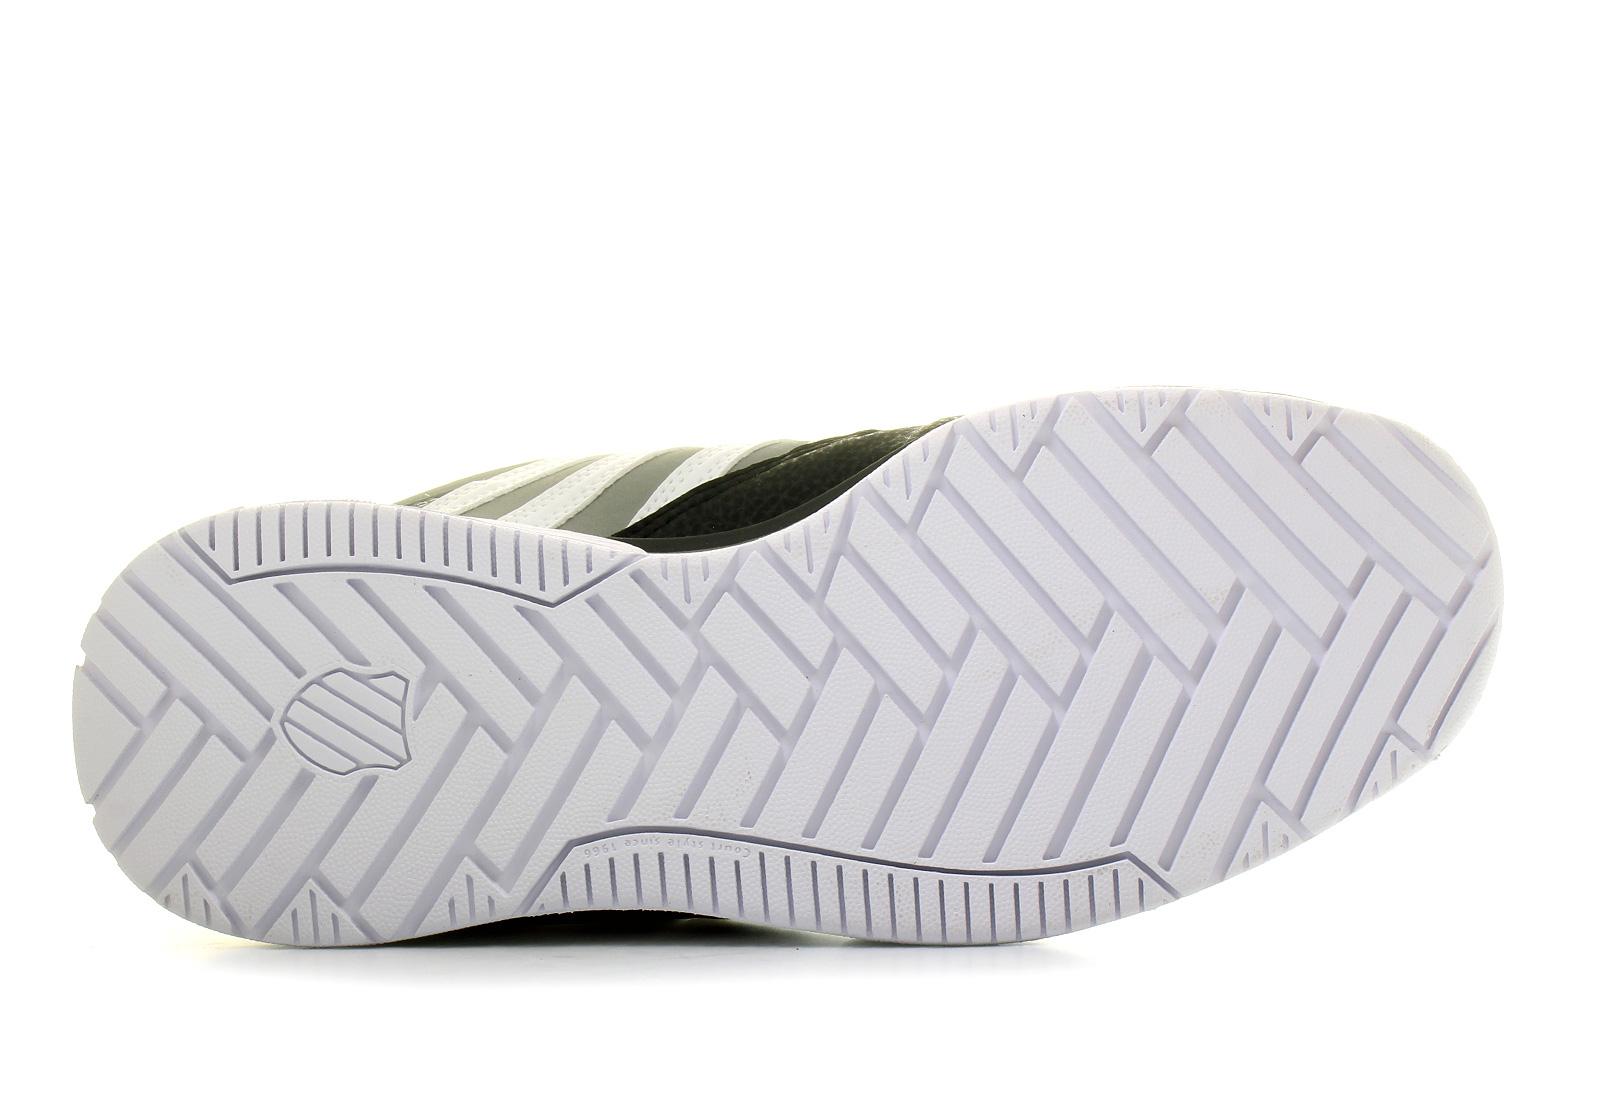 k swiss shoes baxter 03787 092 m online shop for. Black Bedroom Furniture Sets. Home Design Ideas